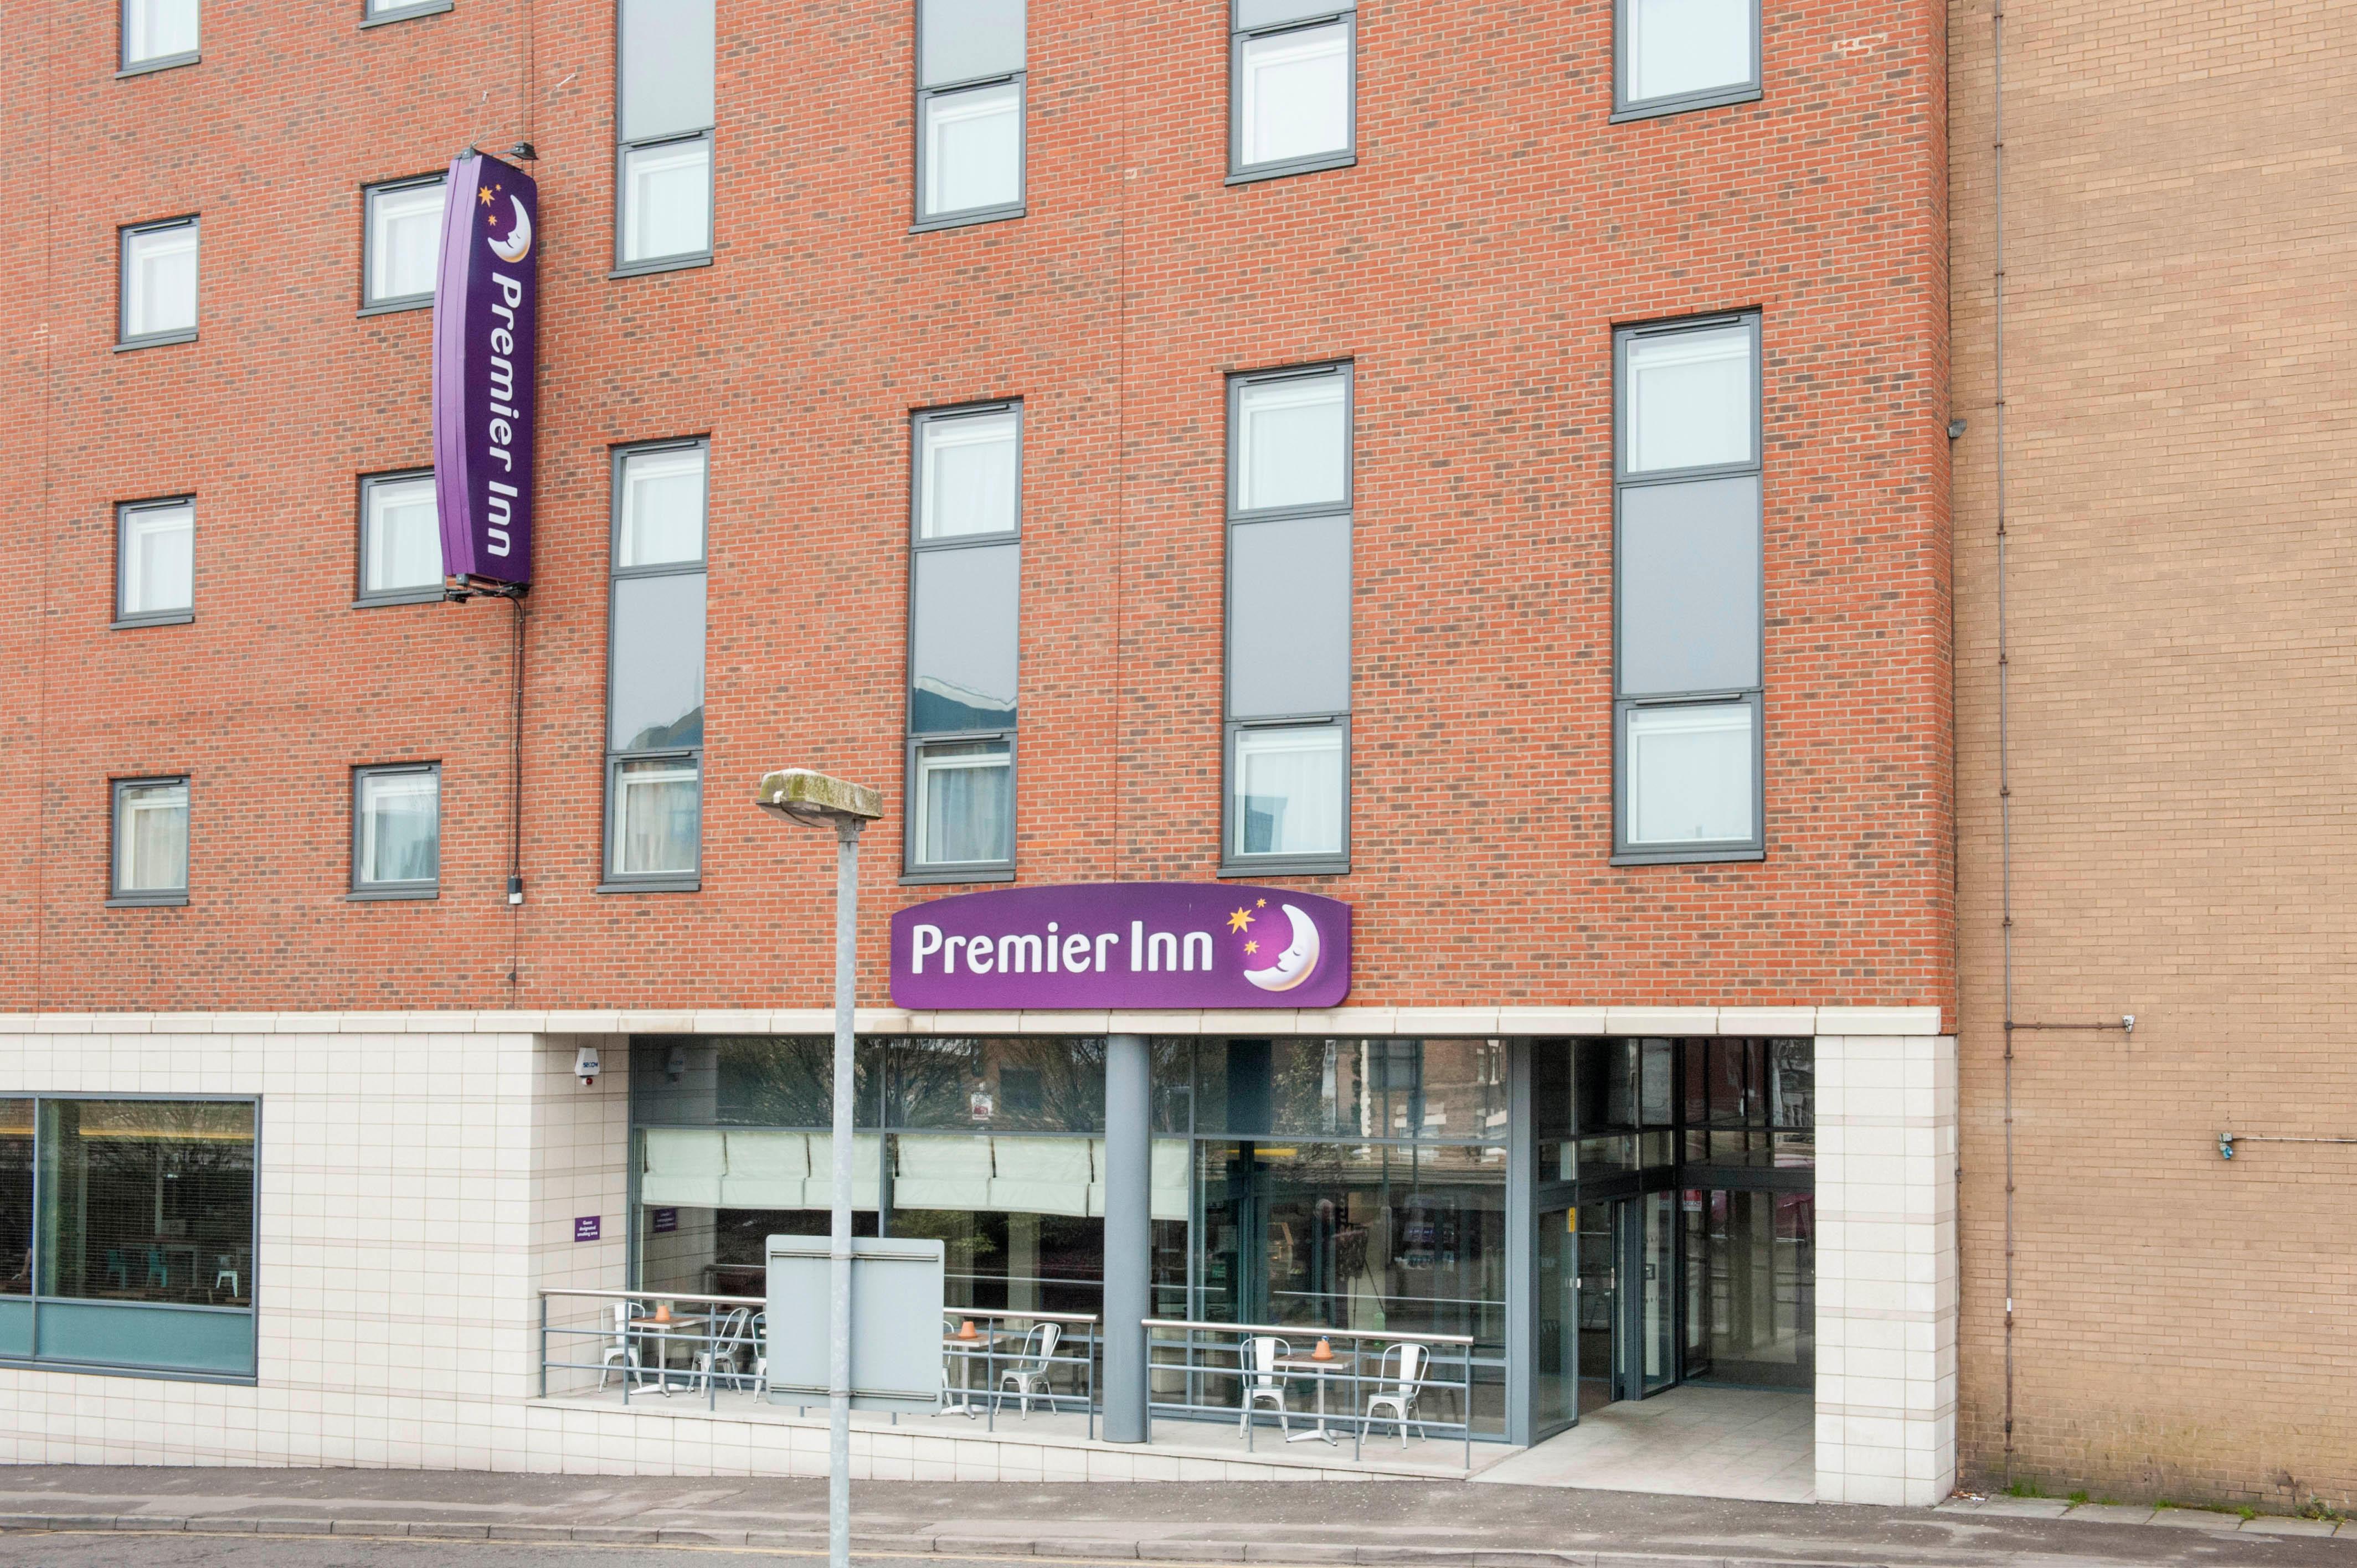 Premier Inn Luton Town Centre hotel